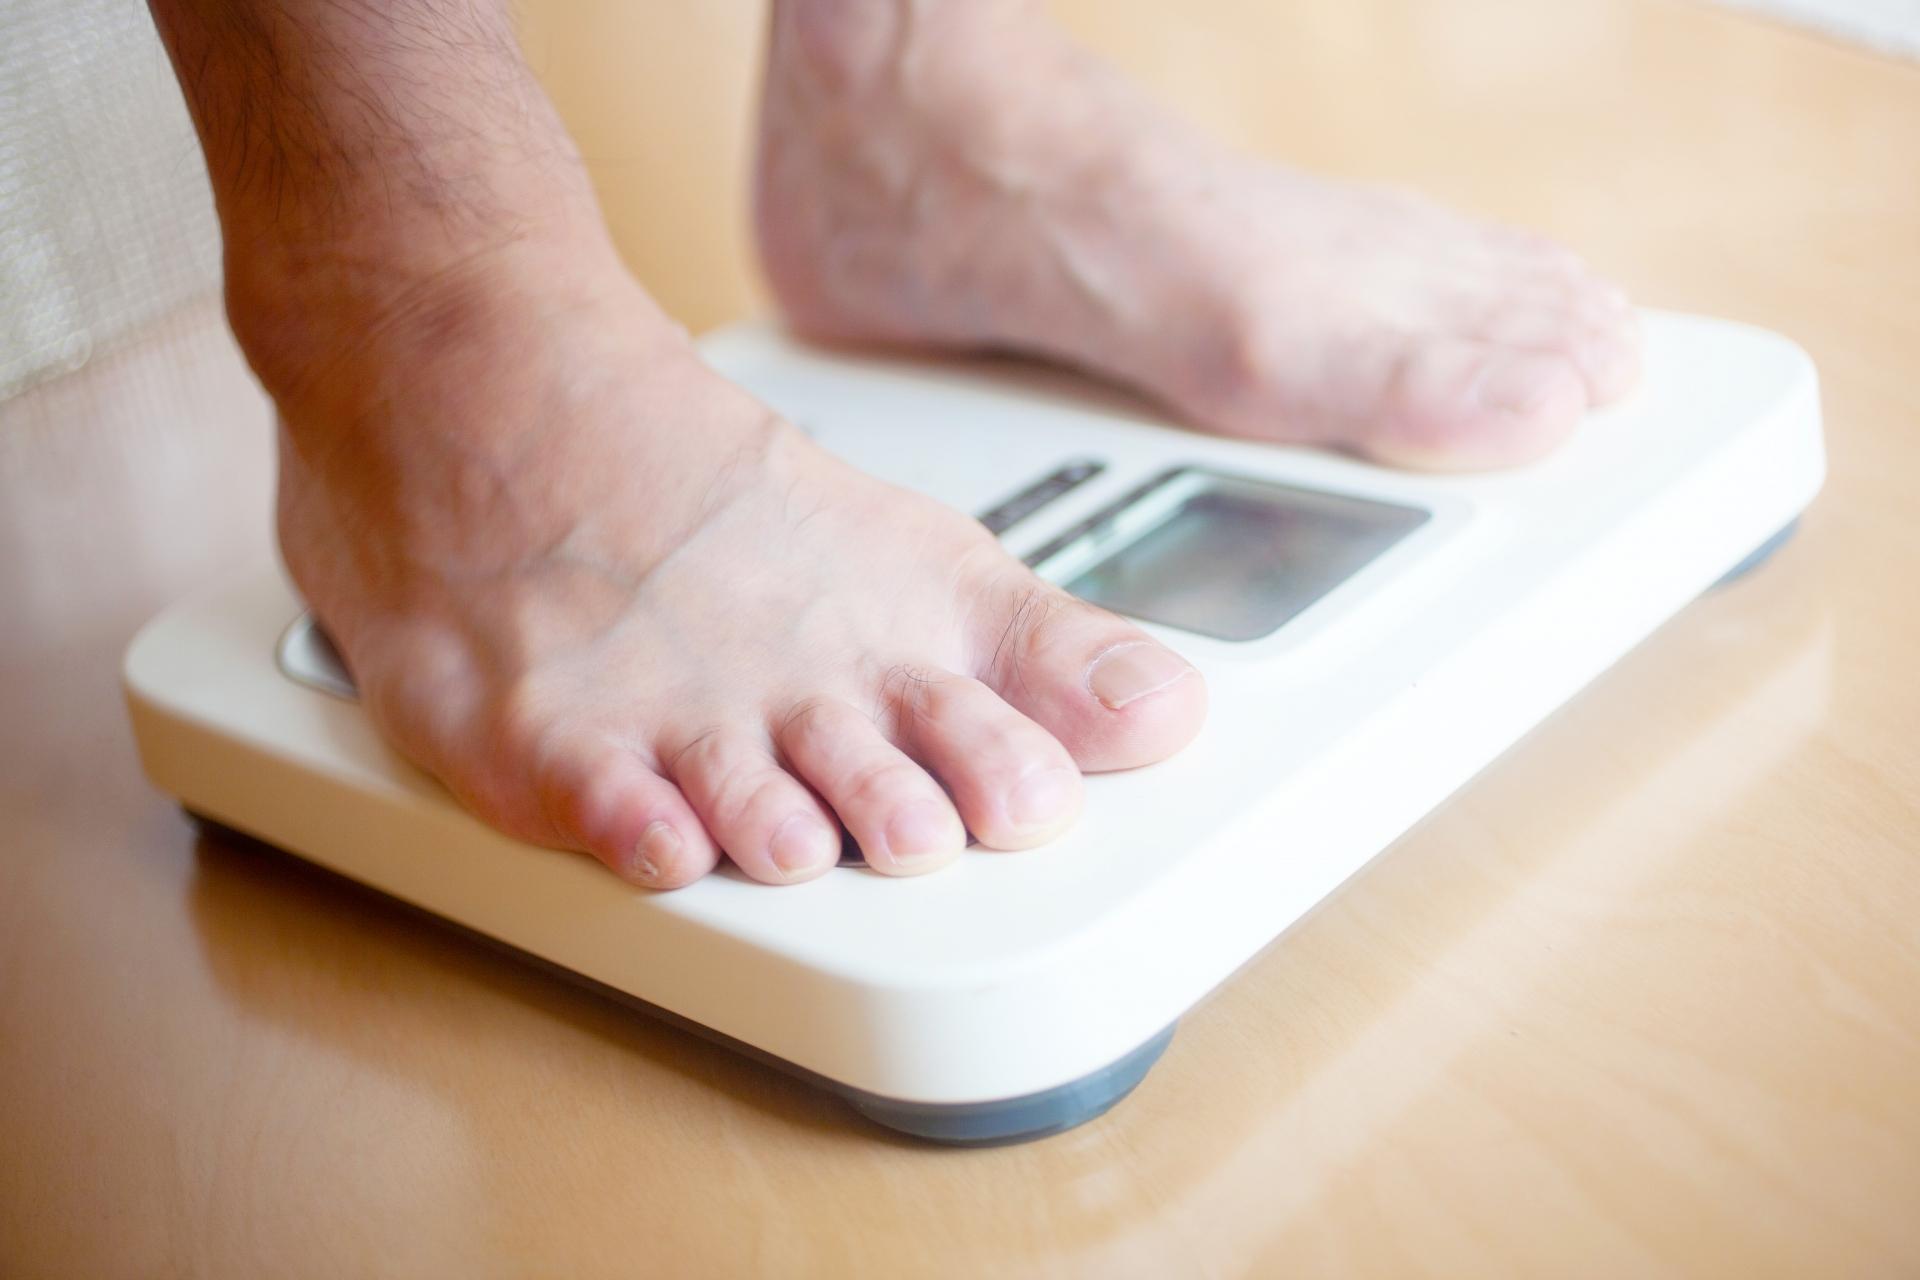 男性の身長160cmはどのくらいの体重が標準?計算方法をご紹介